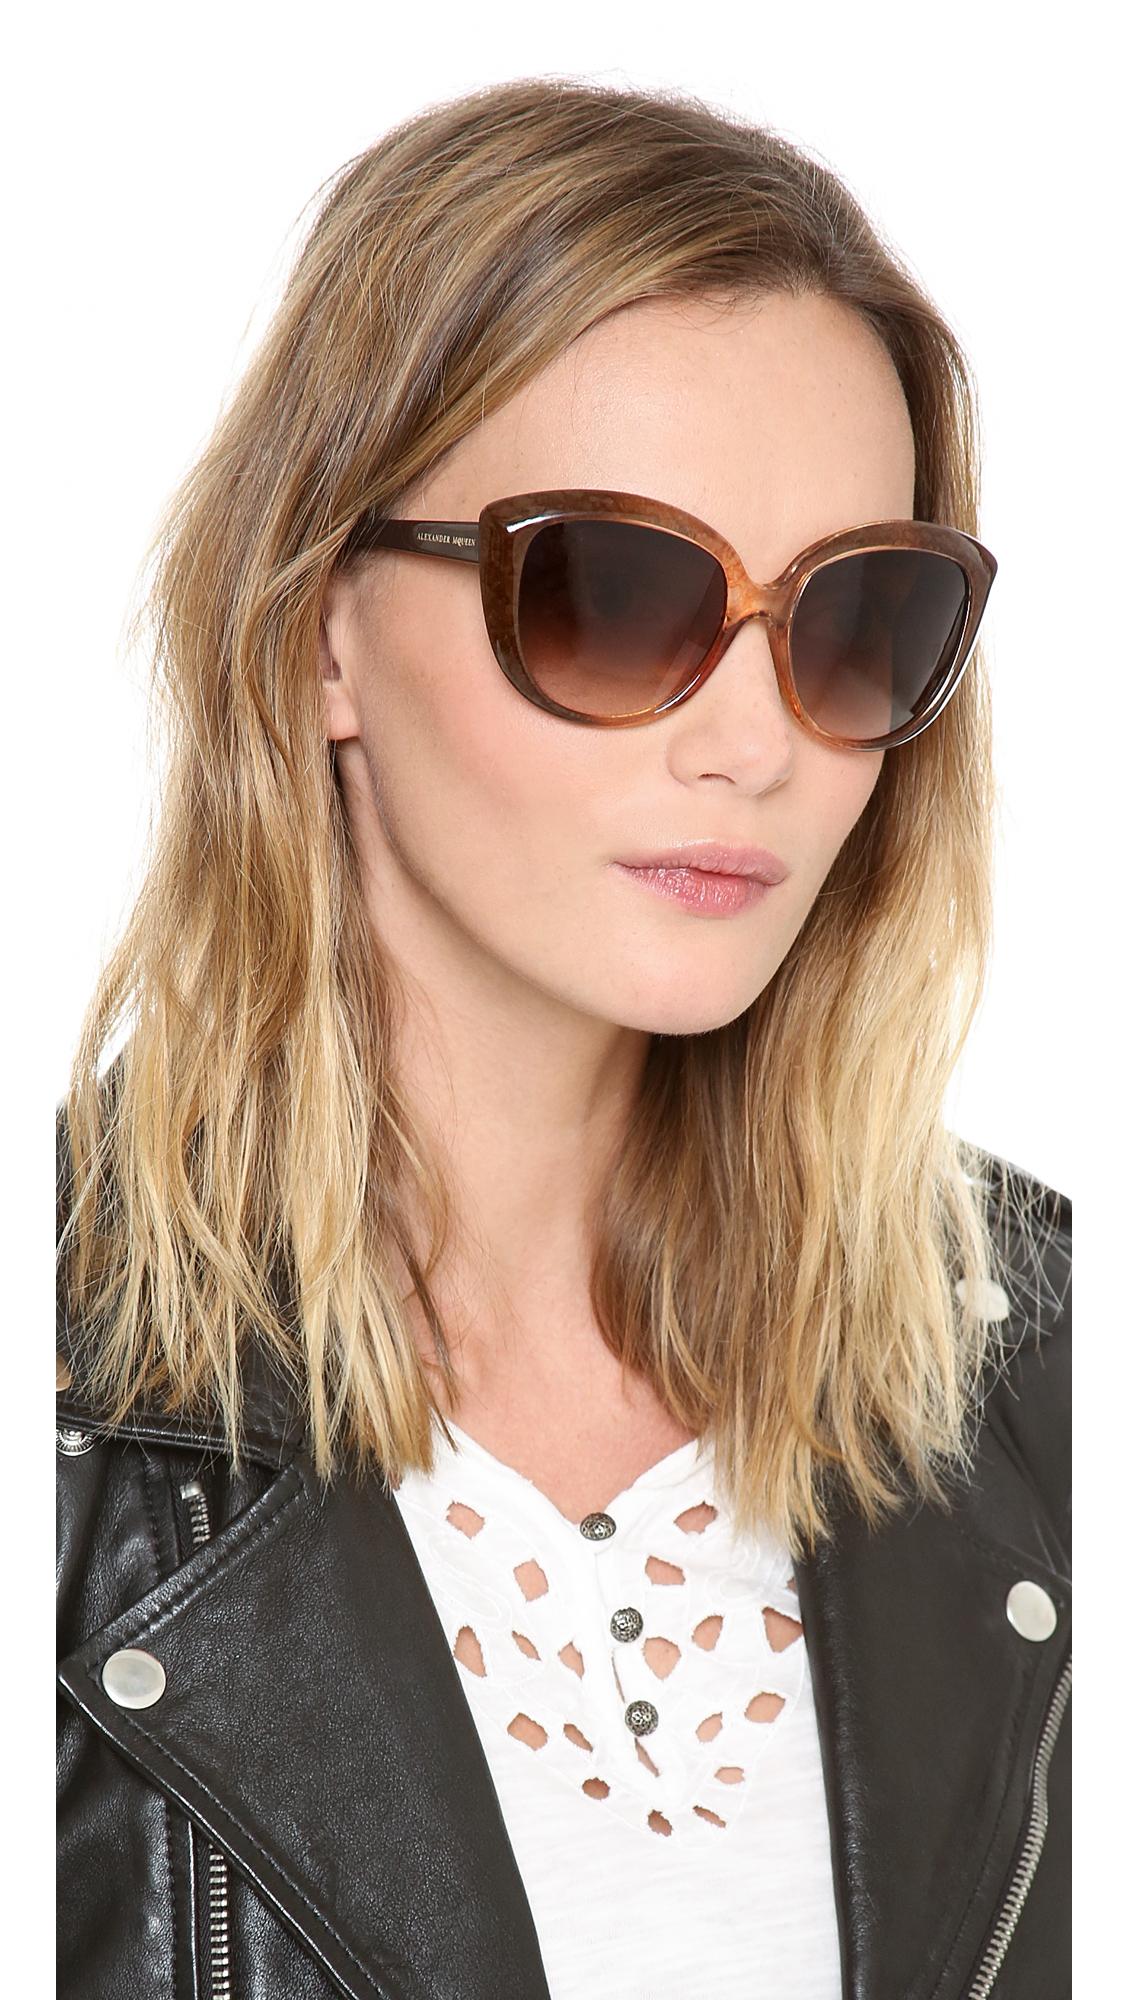 220c39233c Lyst - Alexander McQueen Cat Eye Sunglasses in Brown